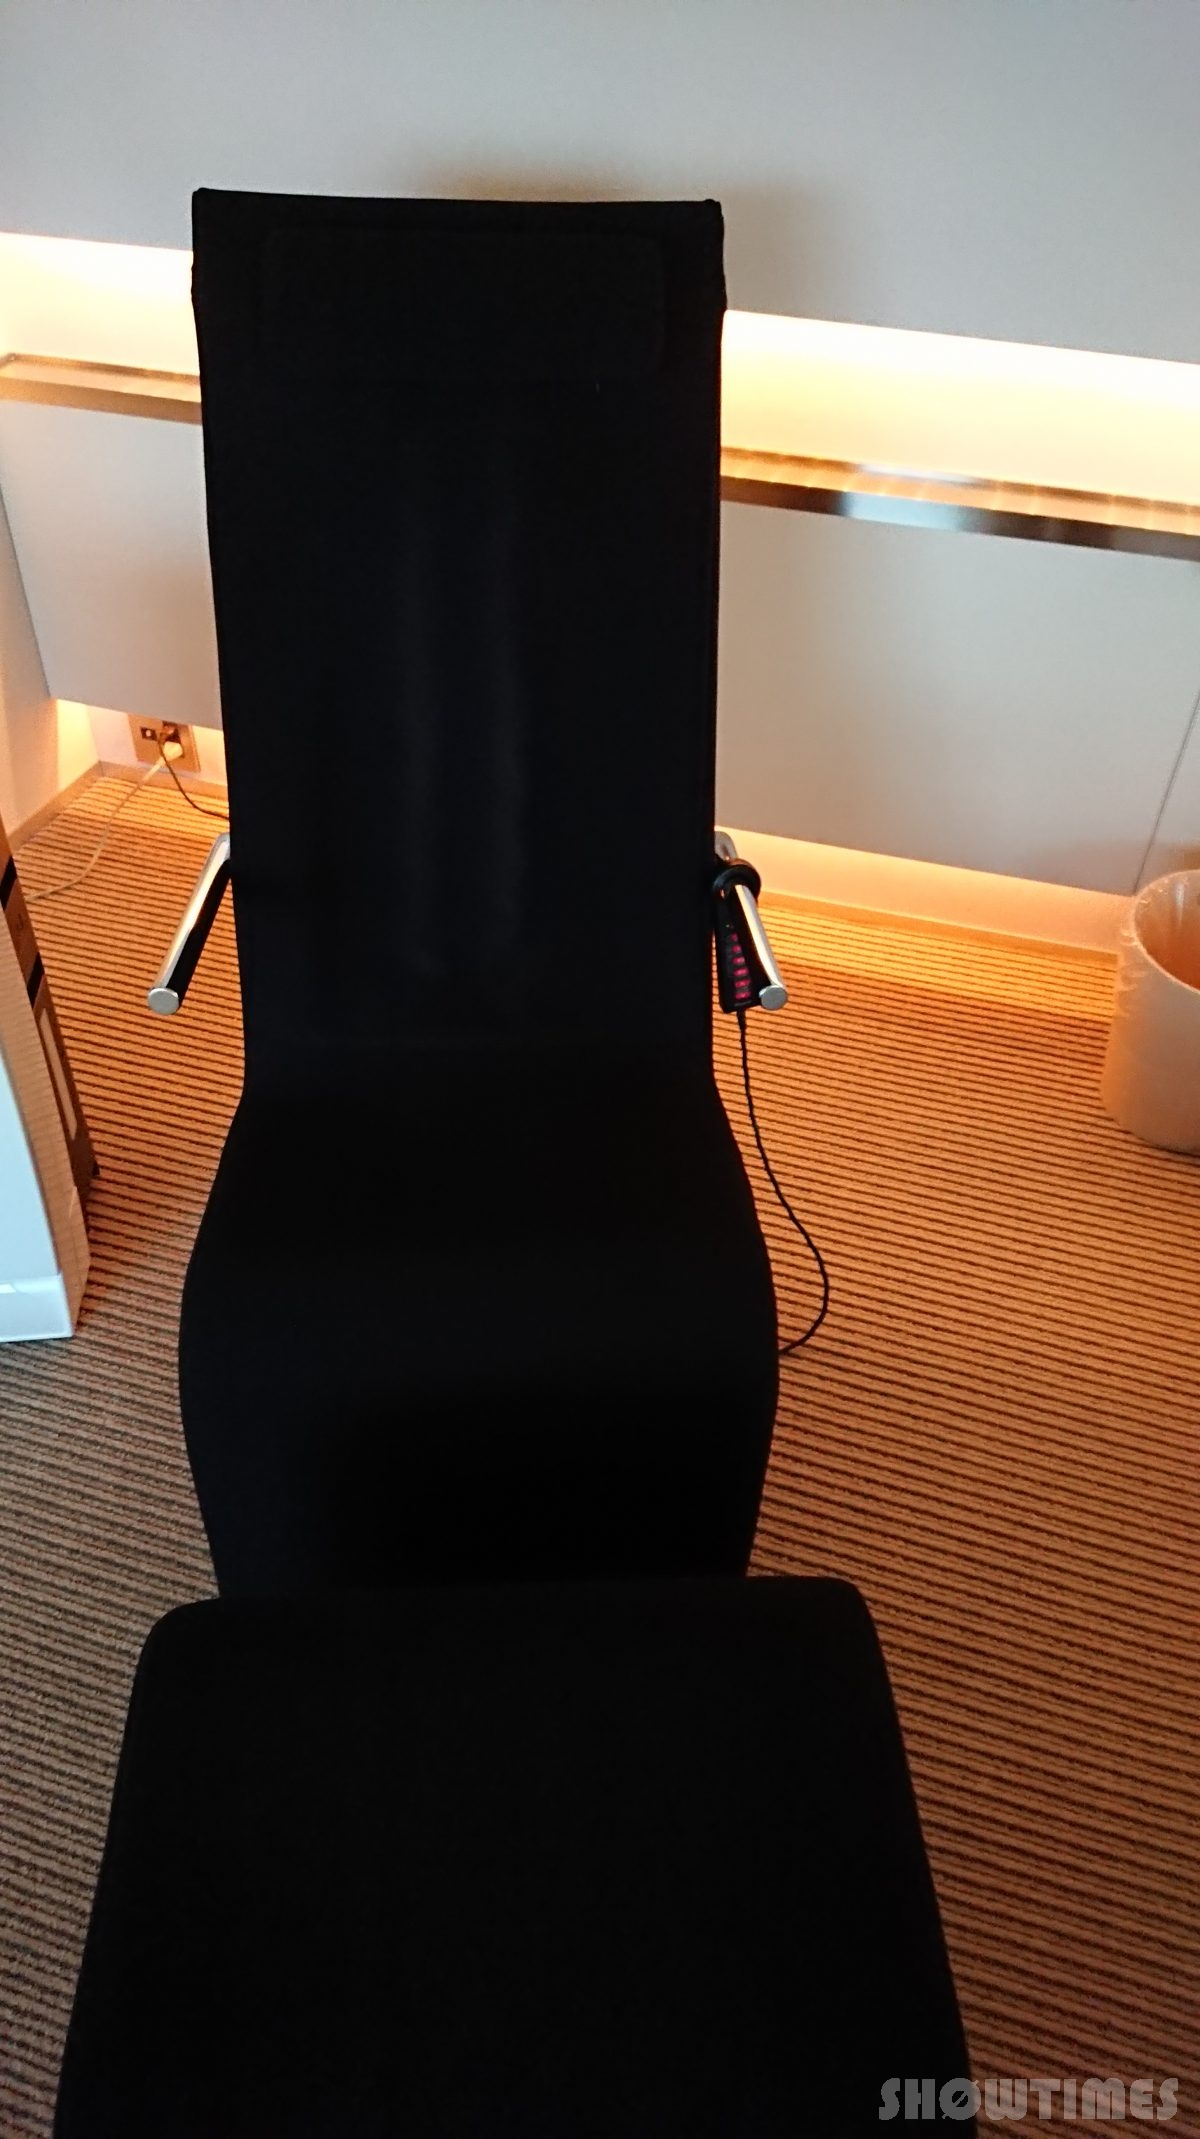 センチュリーロイヤルホテルエクスクルーシヴフロアベッドルームのオットマン付きチェア